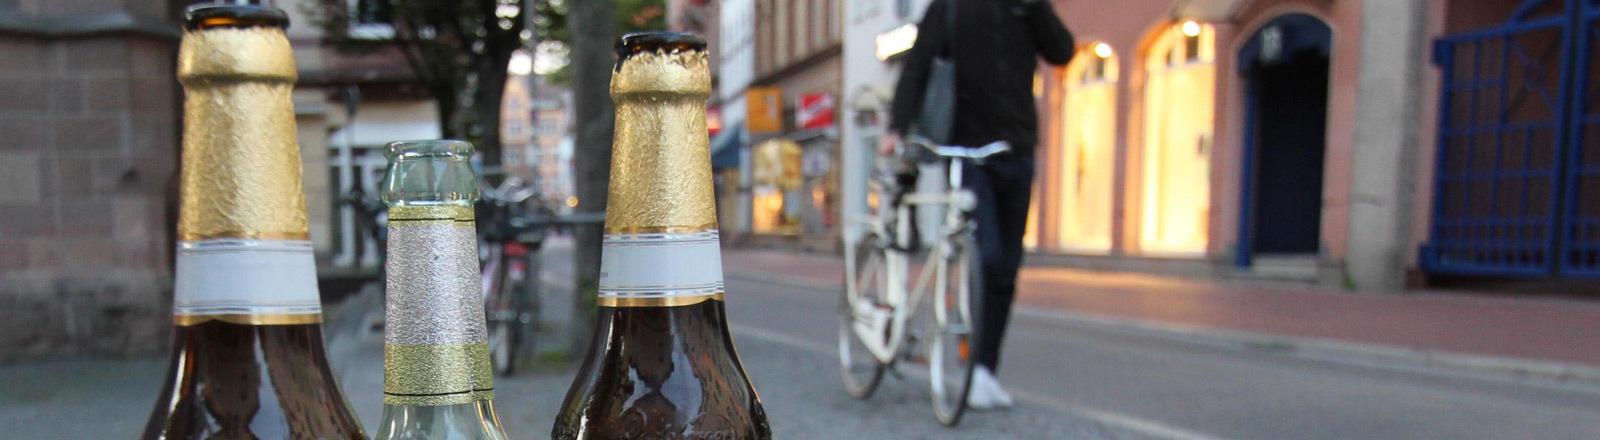 Bier in der Innenstadt.